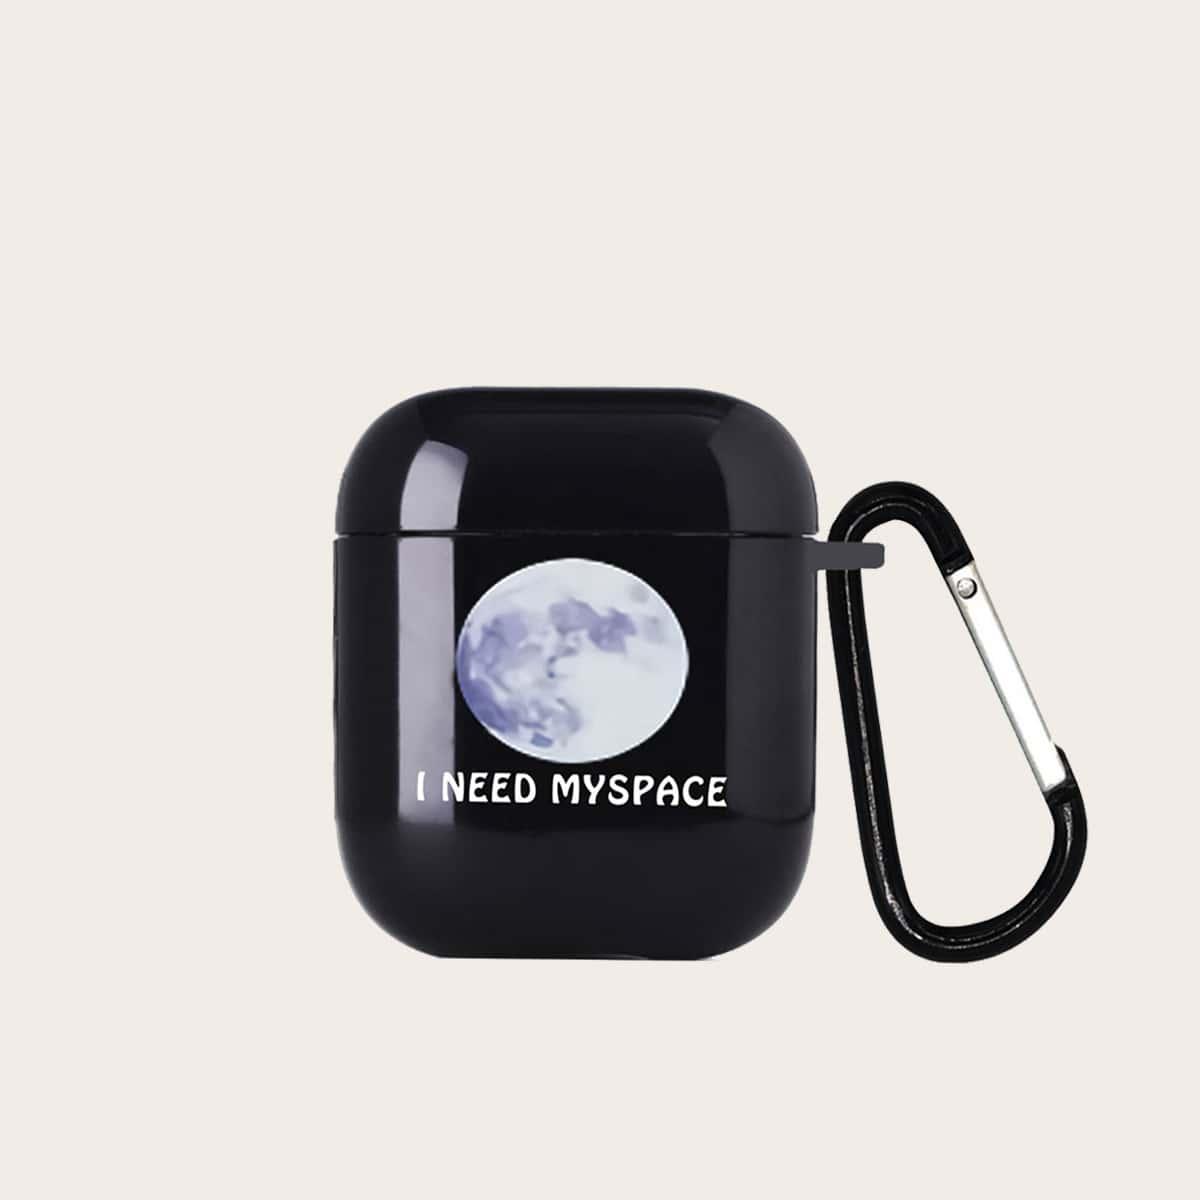 SHEIN / Airpods Hülle mit Mond Muster